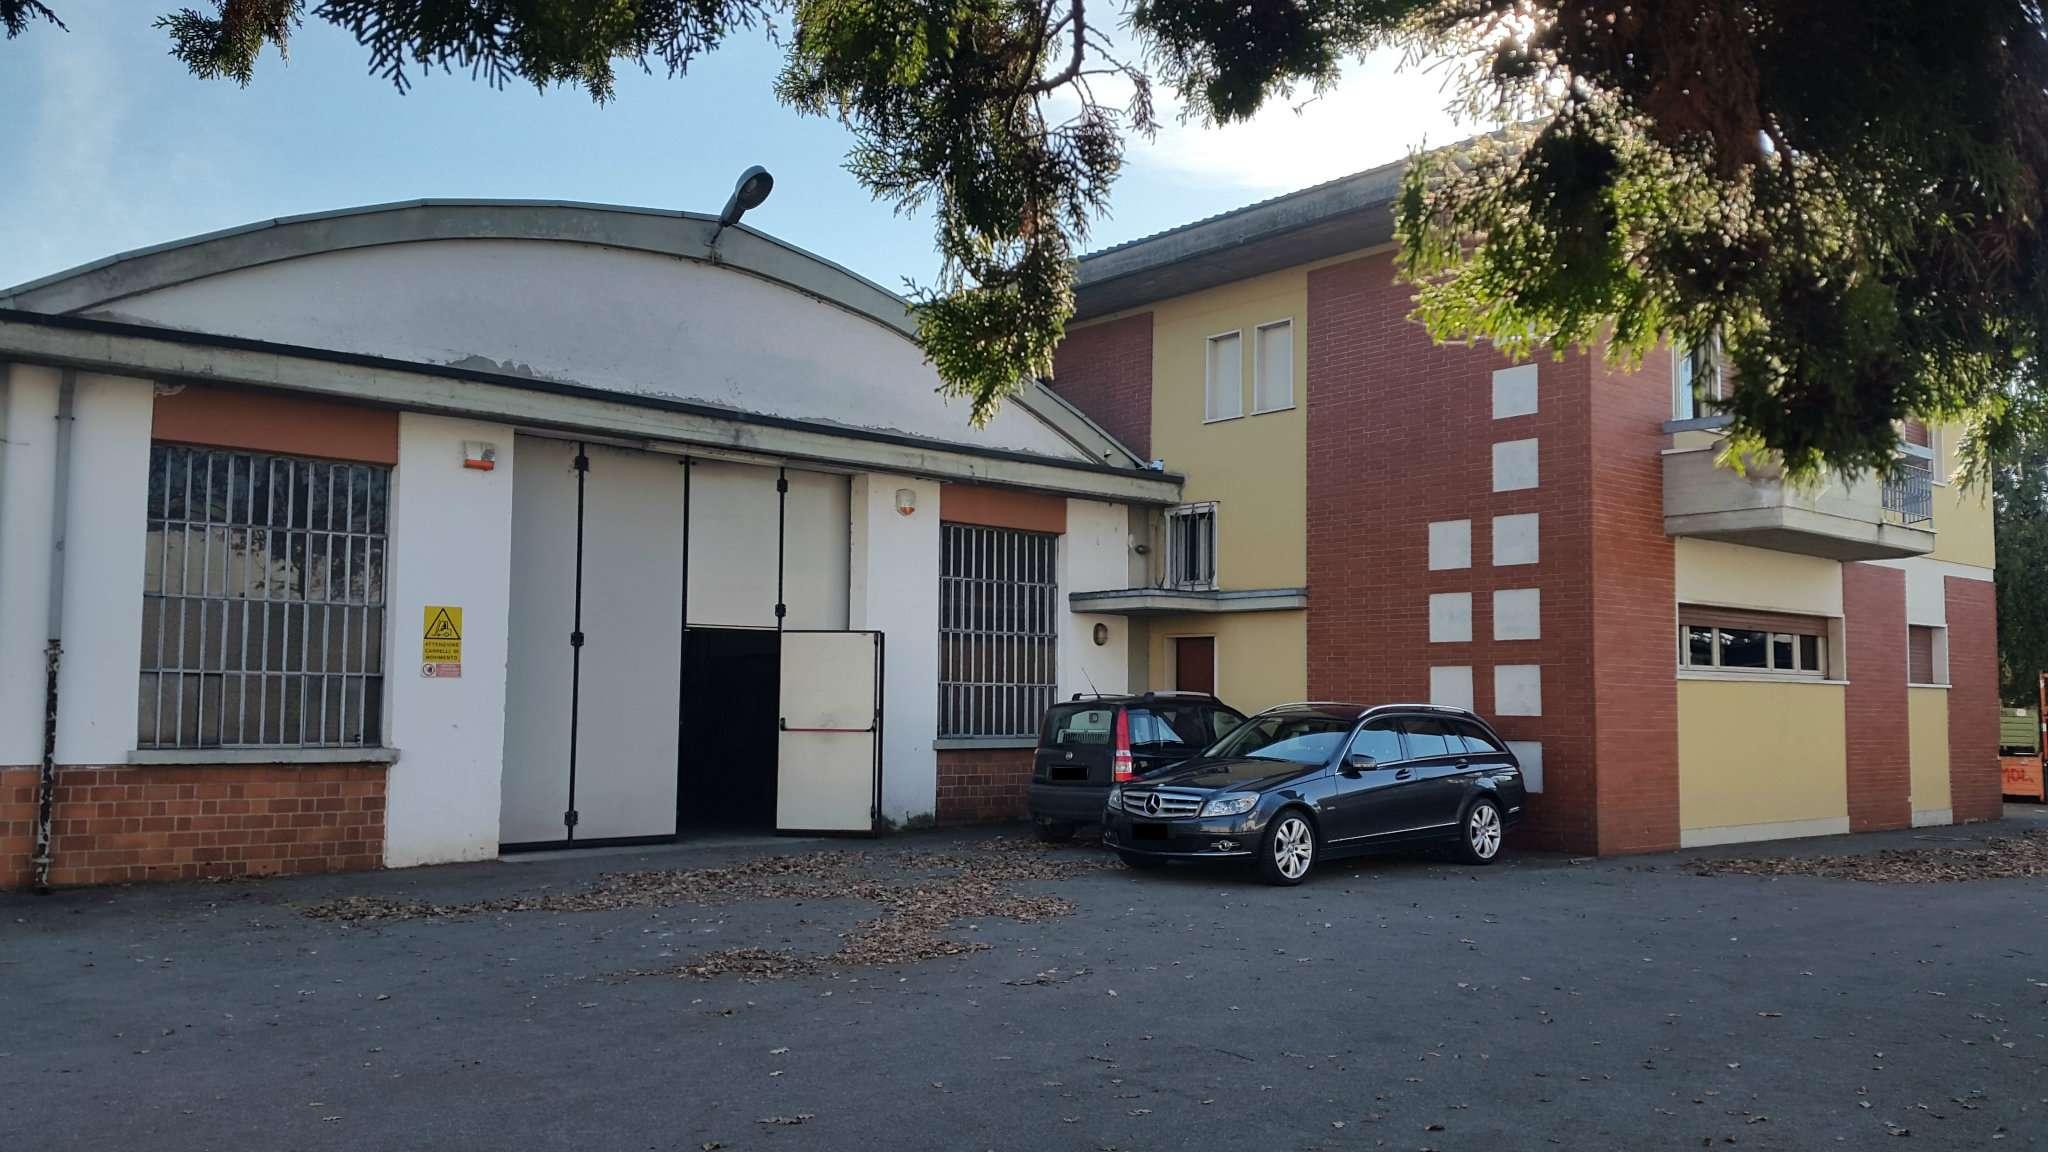 Capannone in vendita a Torbole Casaglia, 9999 locali, prezzo € 430.000 | CambioCasa.it